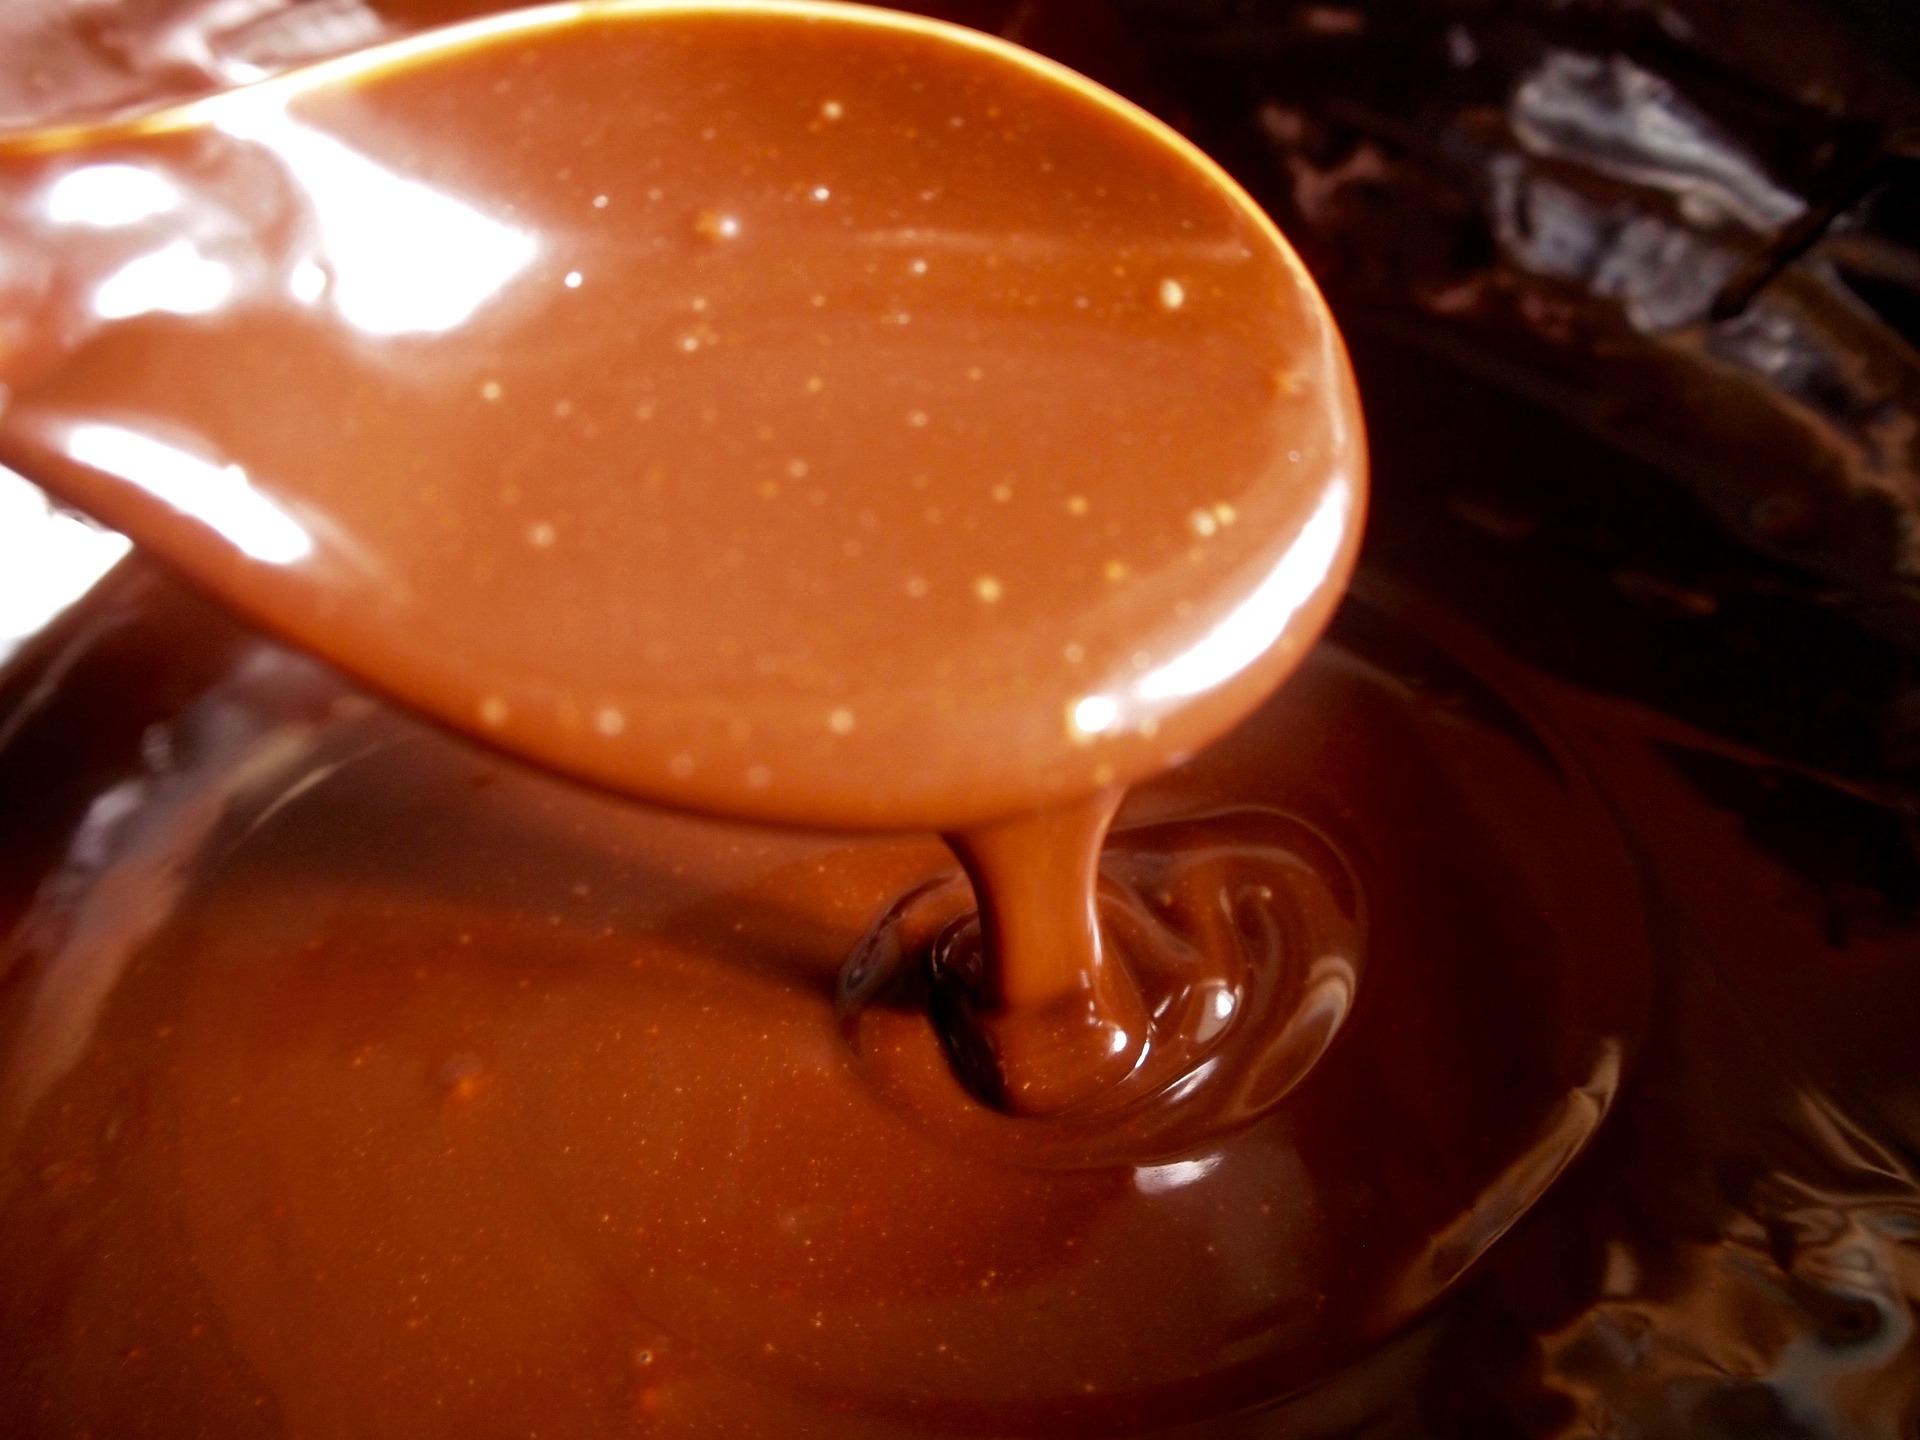 Come pulire le macchie di cacao fresche dalla tovaglia colorata